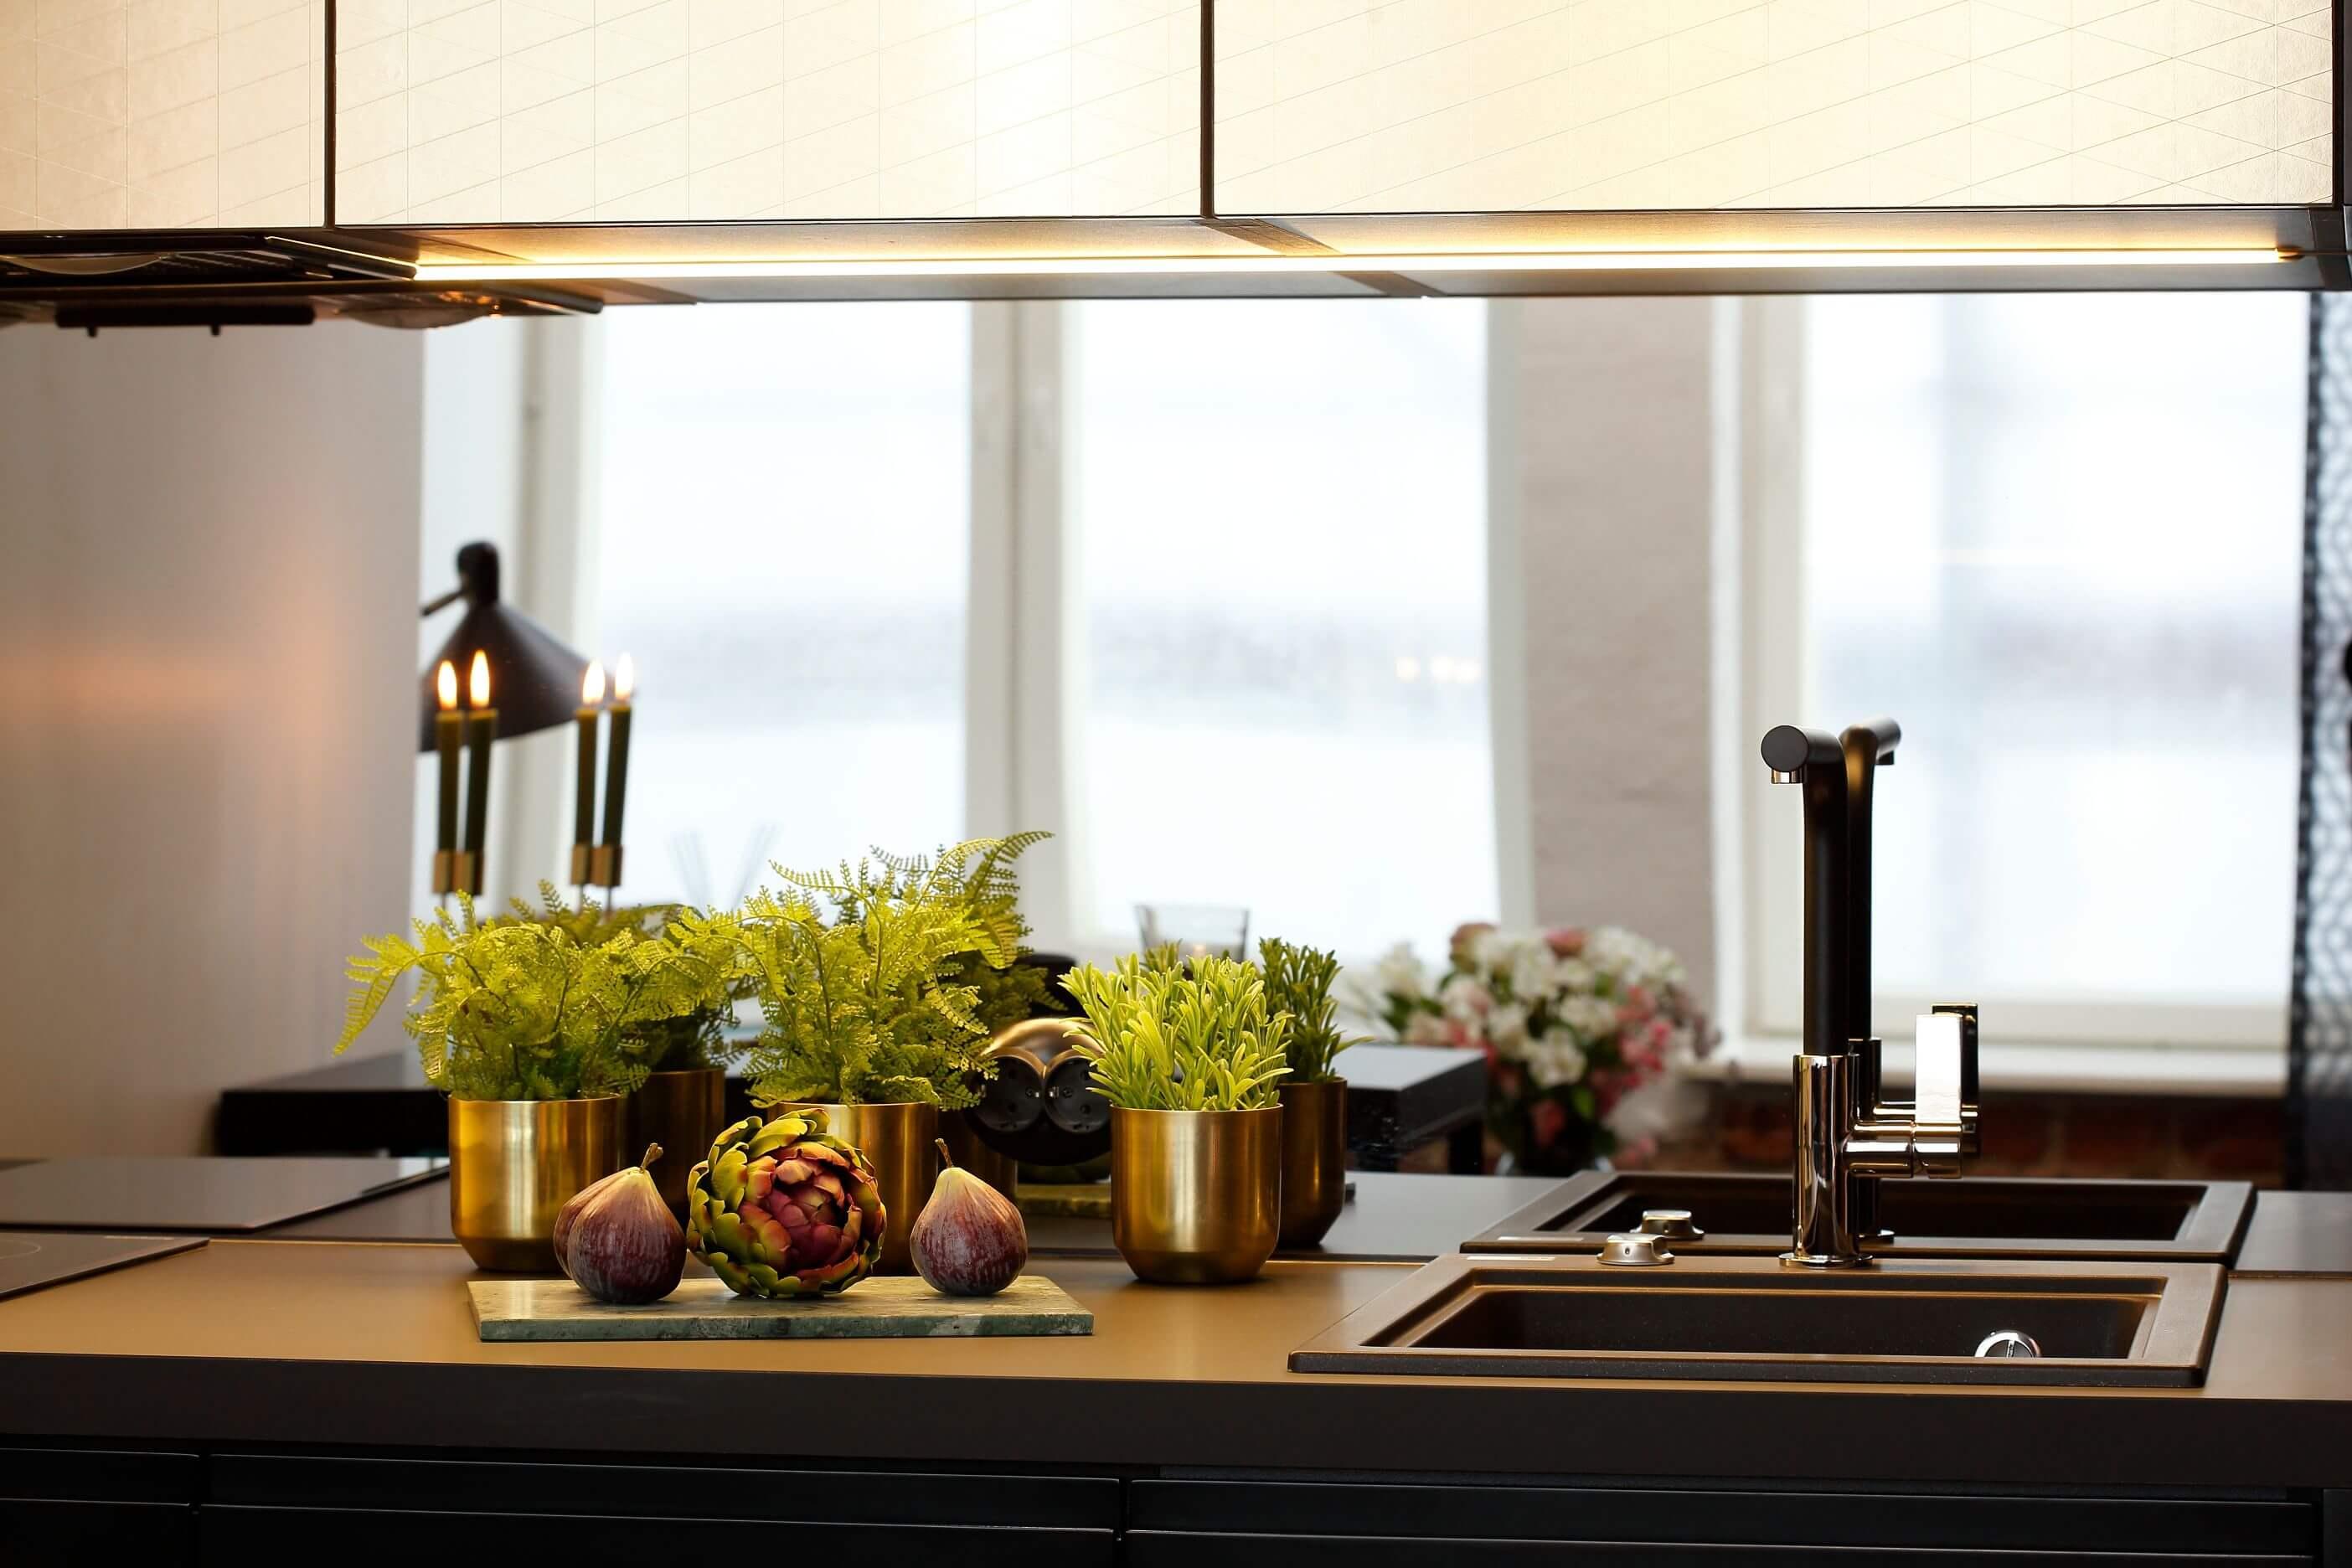 Sisustusproff miniköök, eritellimus mööbel, Fenex Vivarec köögiplaat laminaadist